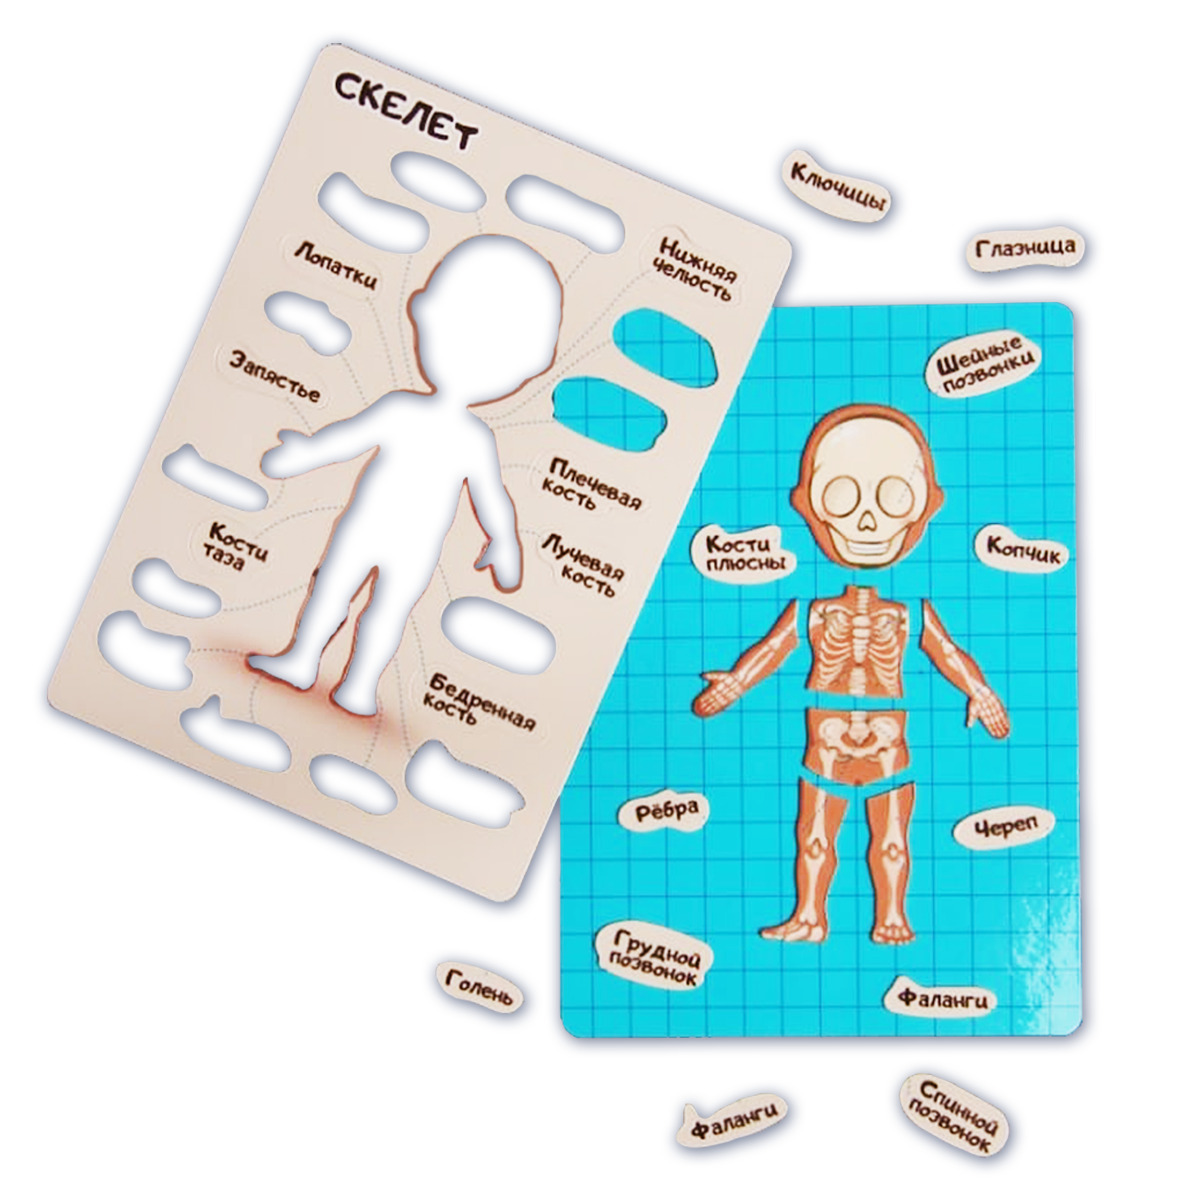 """Магнитная детская настольная развивающая игра-пазл """"Как устроен человек - анатомия, скелет"""" - Notta & Belle"""